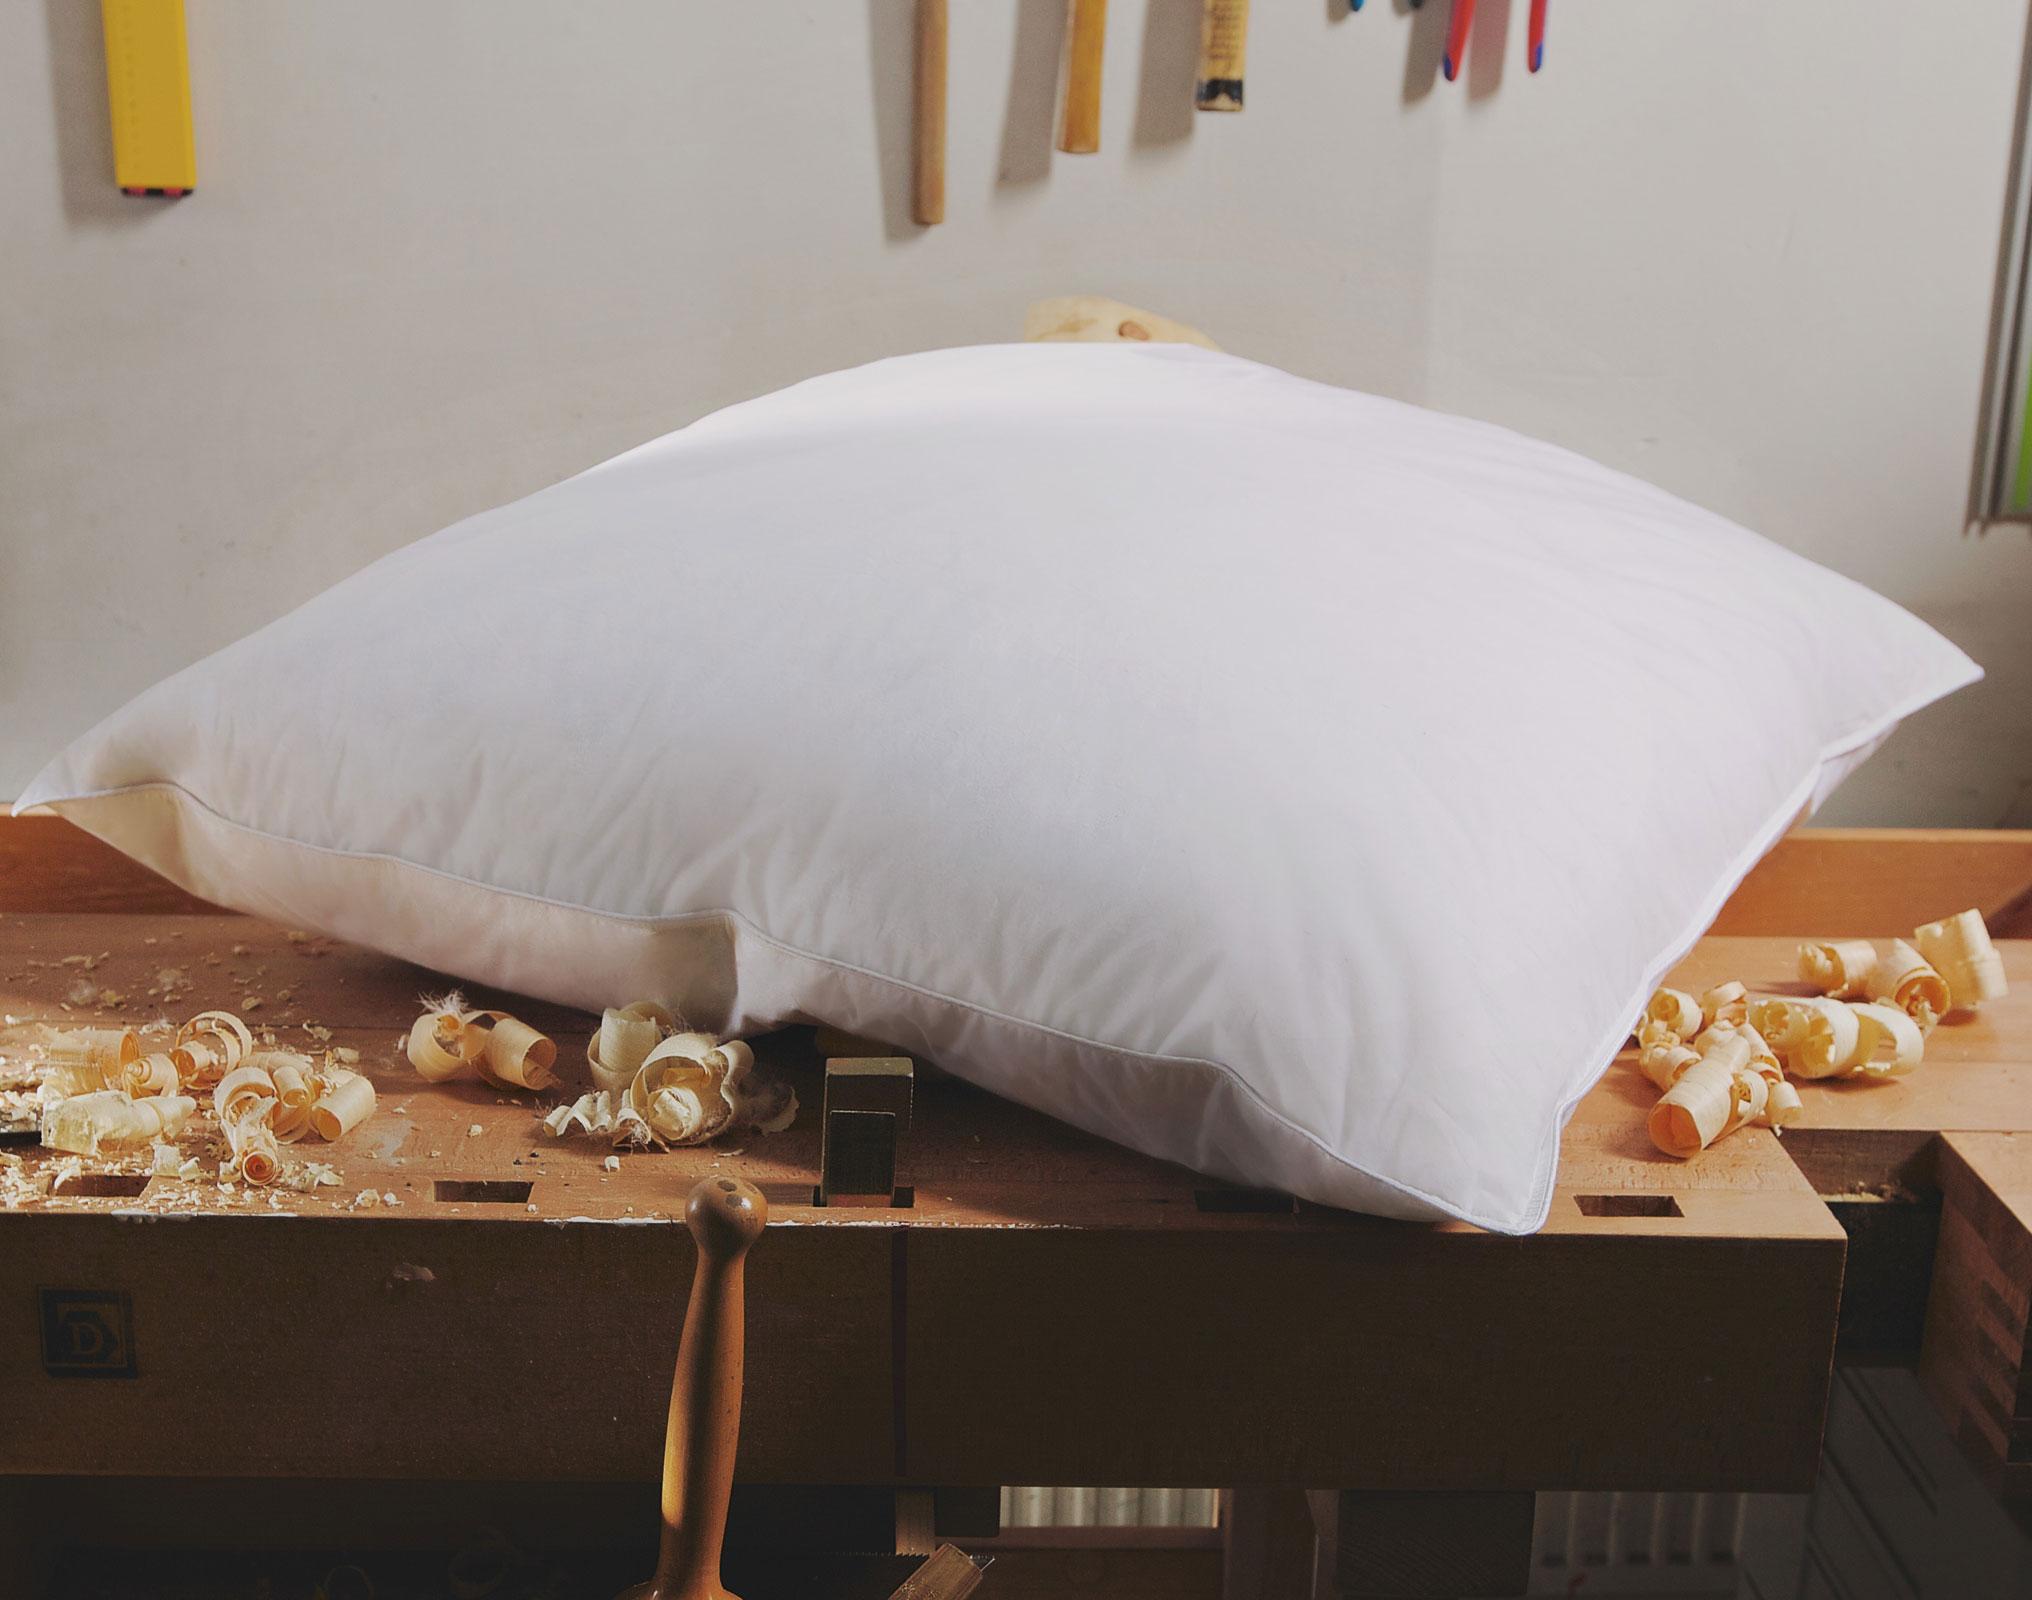 3 kammer zirbenholzkissen 40x80 zirbenholz und daunen kissen hermetic zirbe ebay